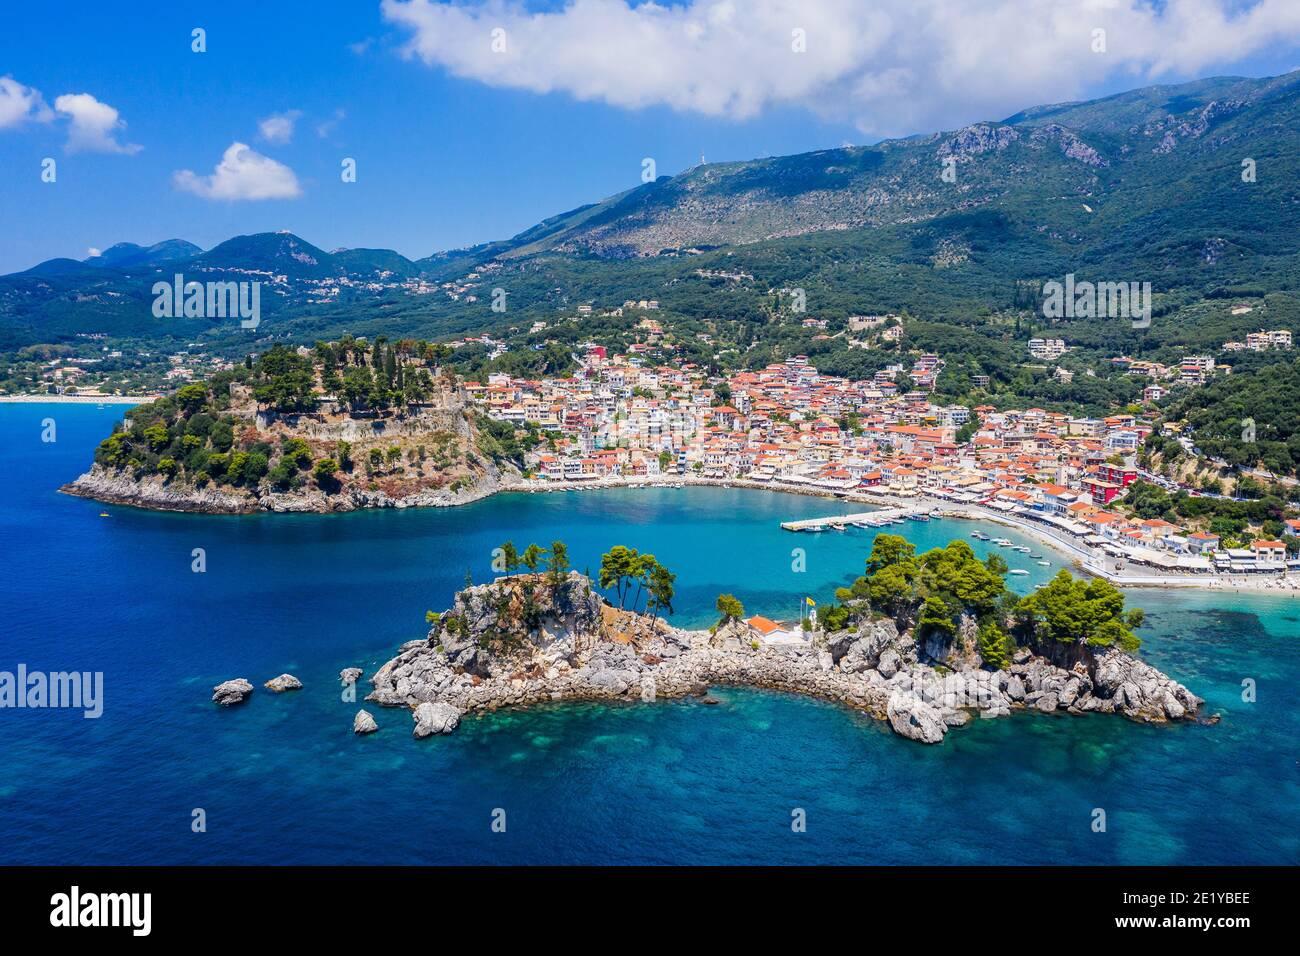 Parga, Griechenland. Luftaufnahme des Ortes und der Insel Panagia. Stockfoto